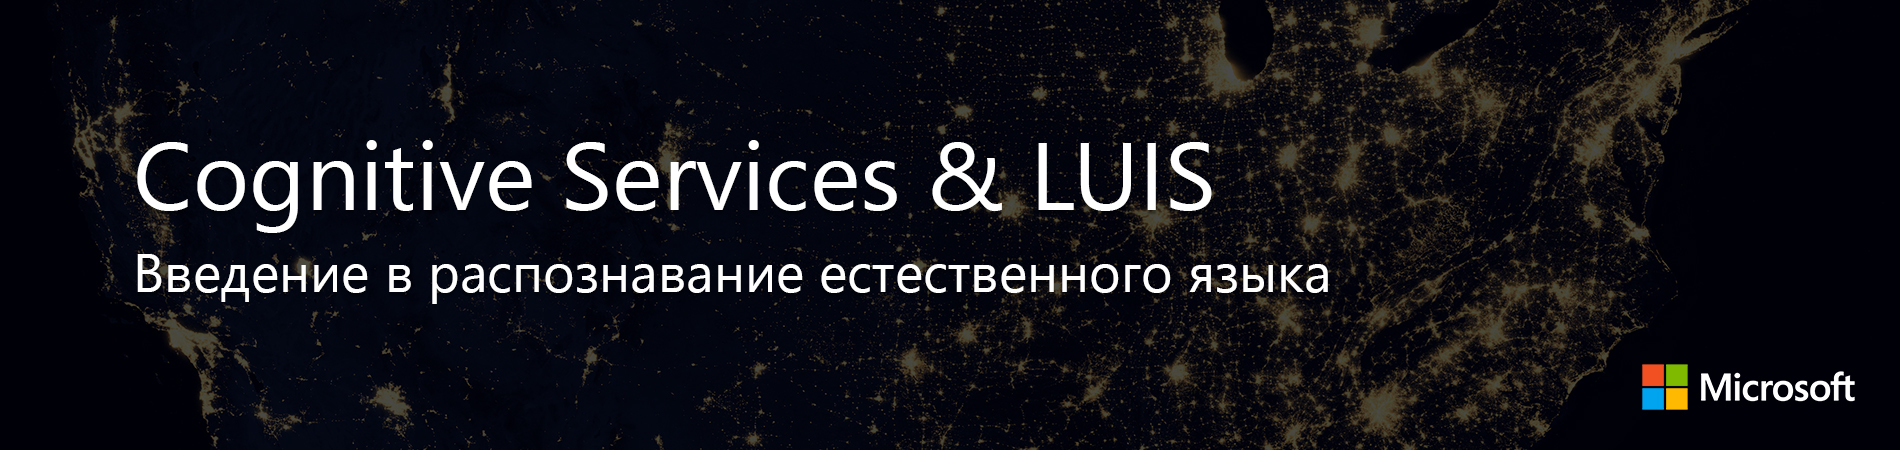 Cognitive Services & LUIS: Введение в распознавание естественного языка